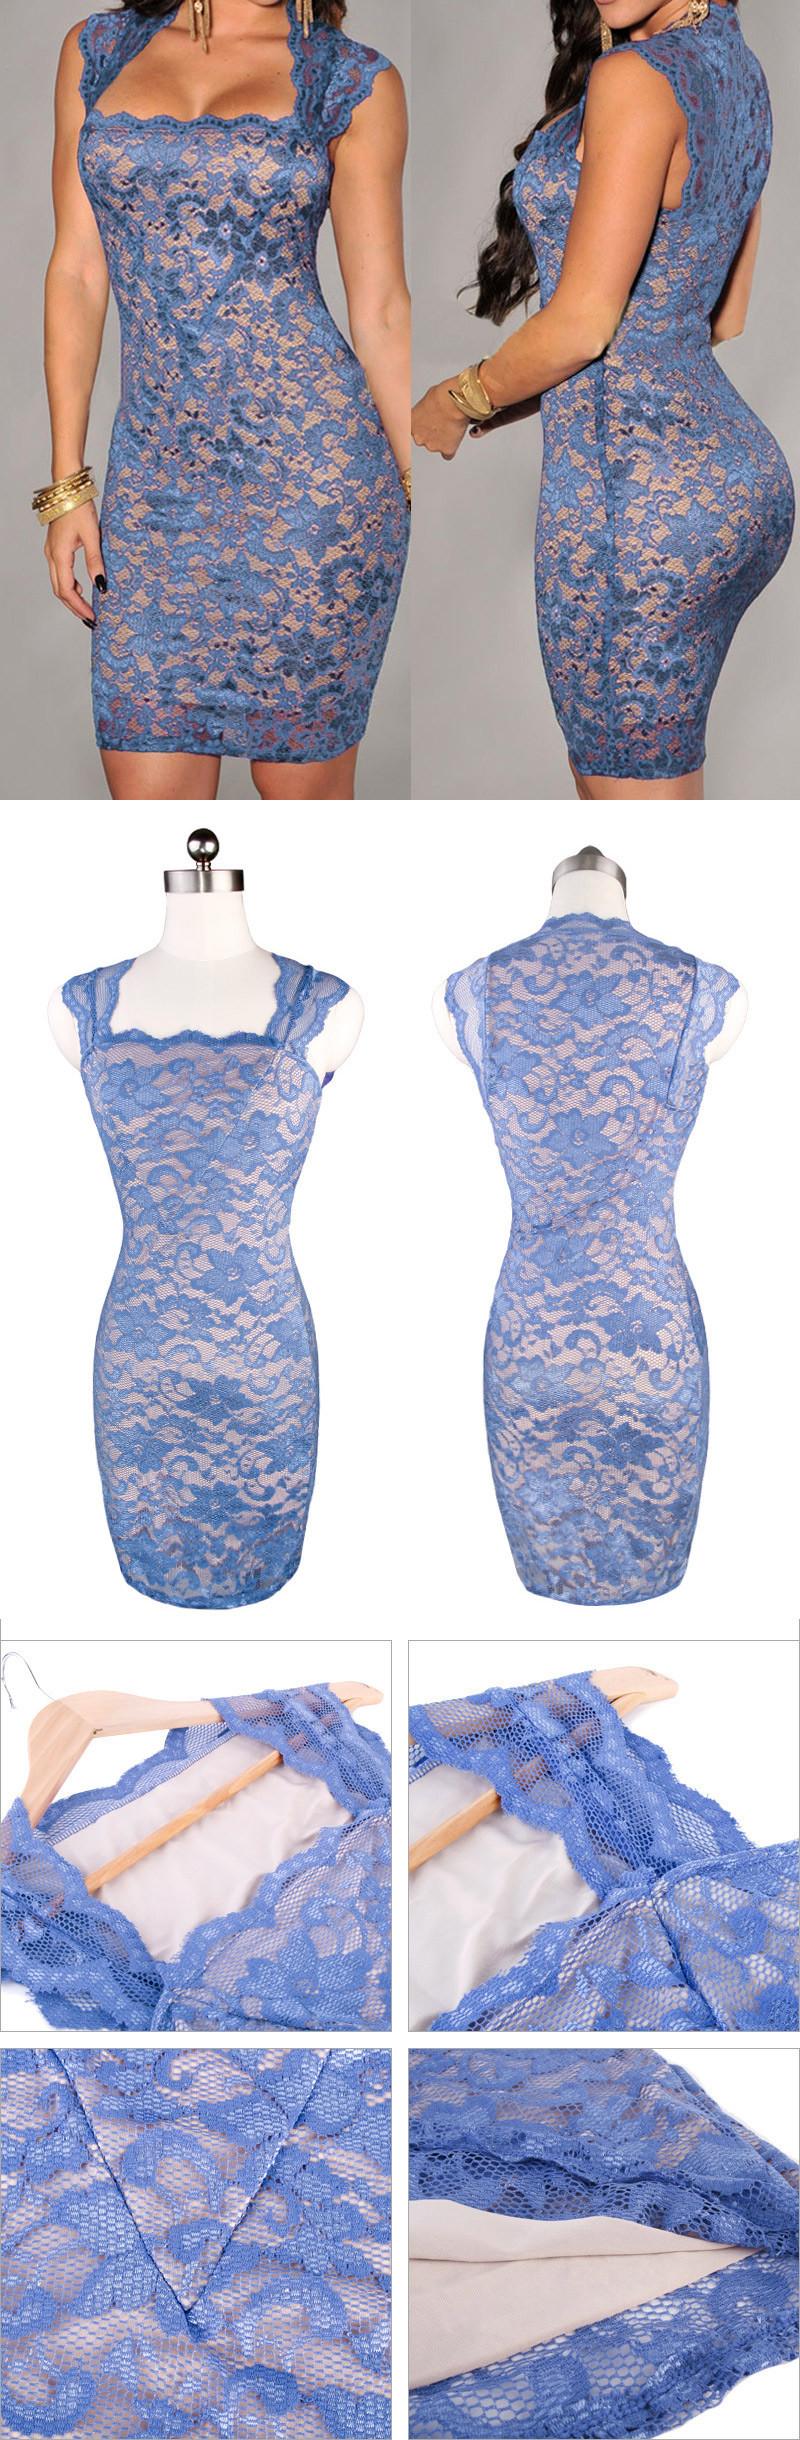 женщины летнее платье для партии короткий синий цветочные сексуальный тонкий кружевной повода плюс размер платья клуб